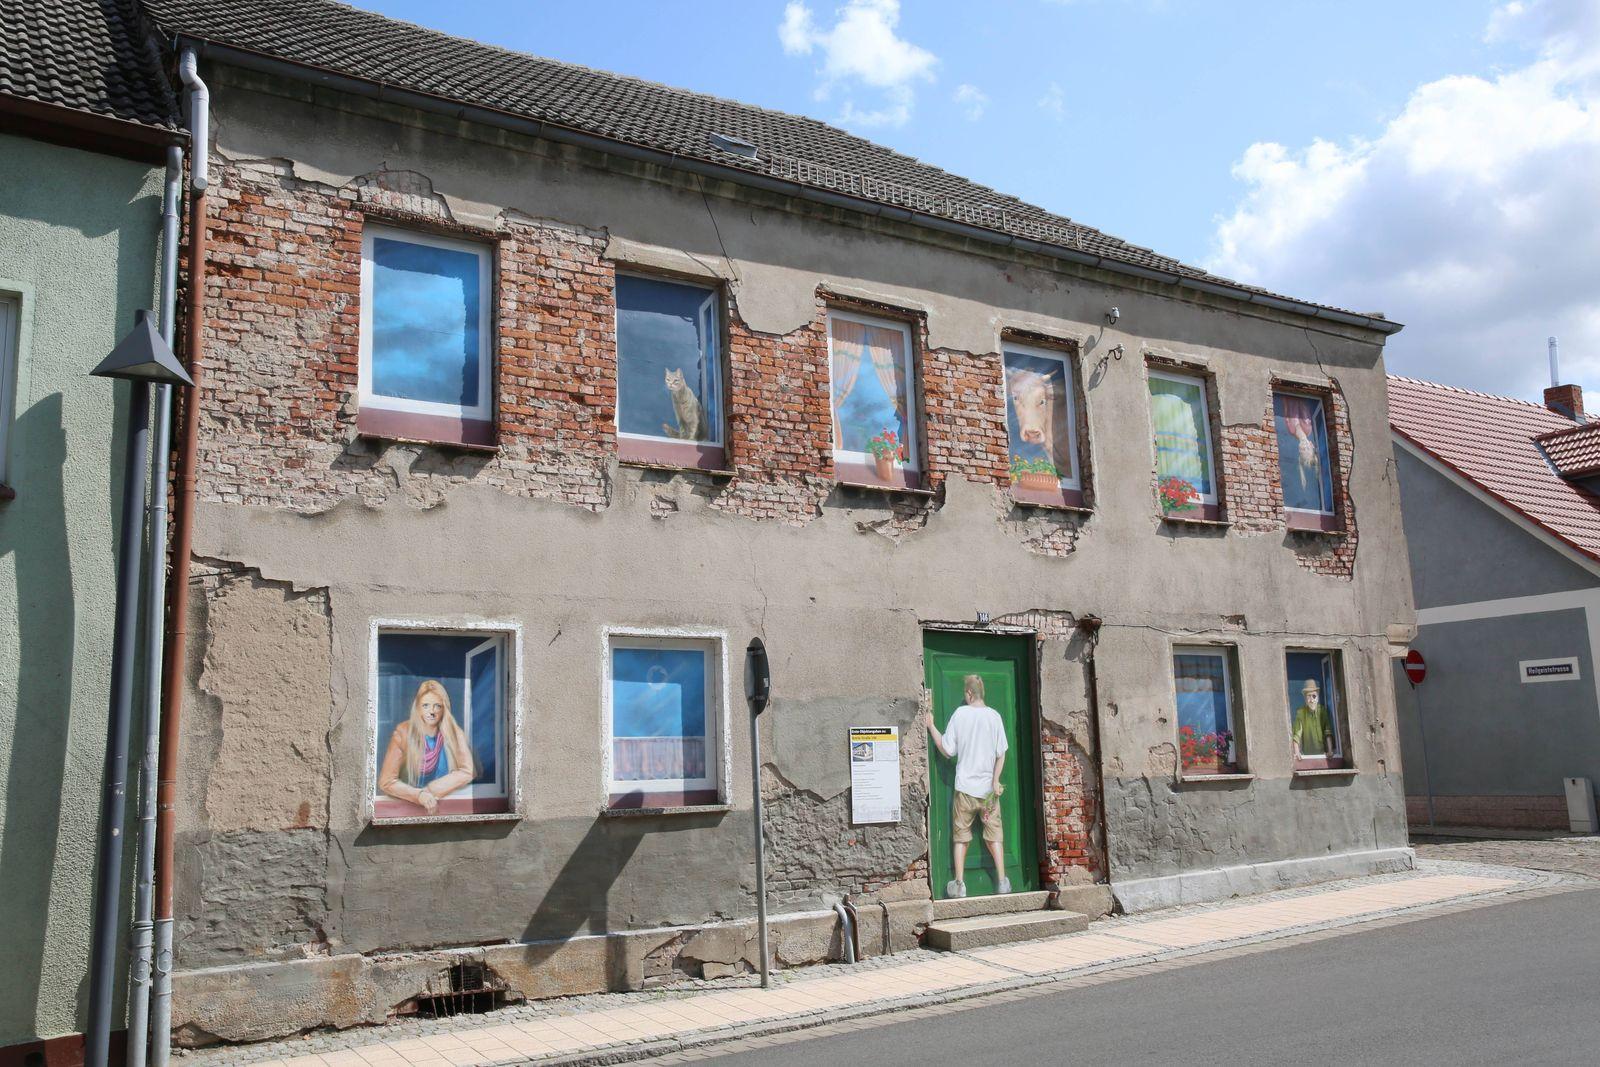 Wo junge Leute nur gemalt auf der Straße zu sehen sind: Haus in Loitz Landkreis Vorpommern Greifswald